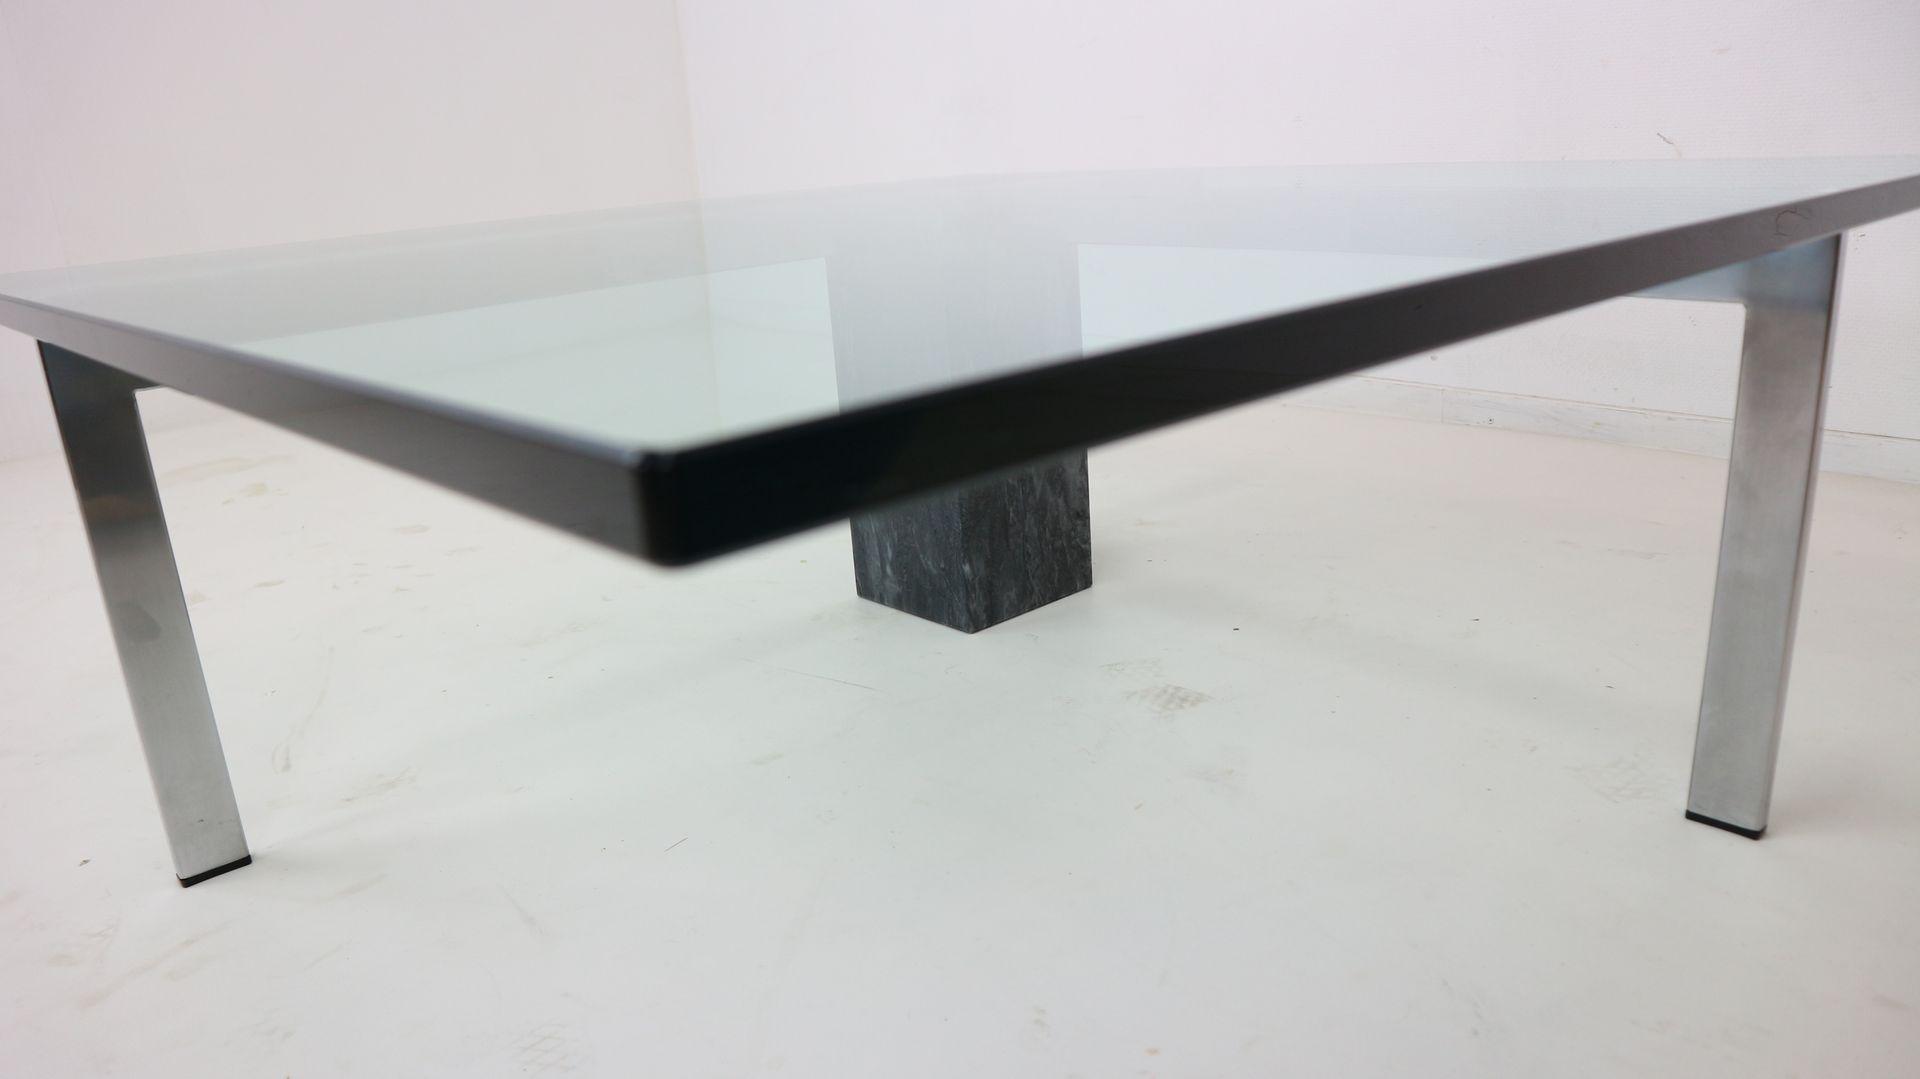 Moderner italienischer couchtisch aus marmor glas for Designer couchtisch glas marmor